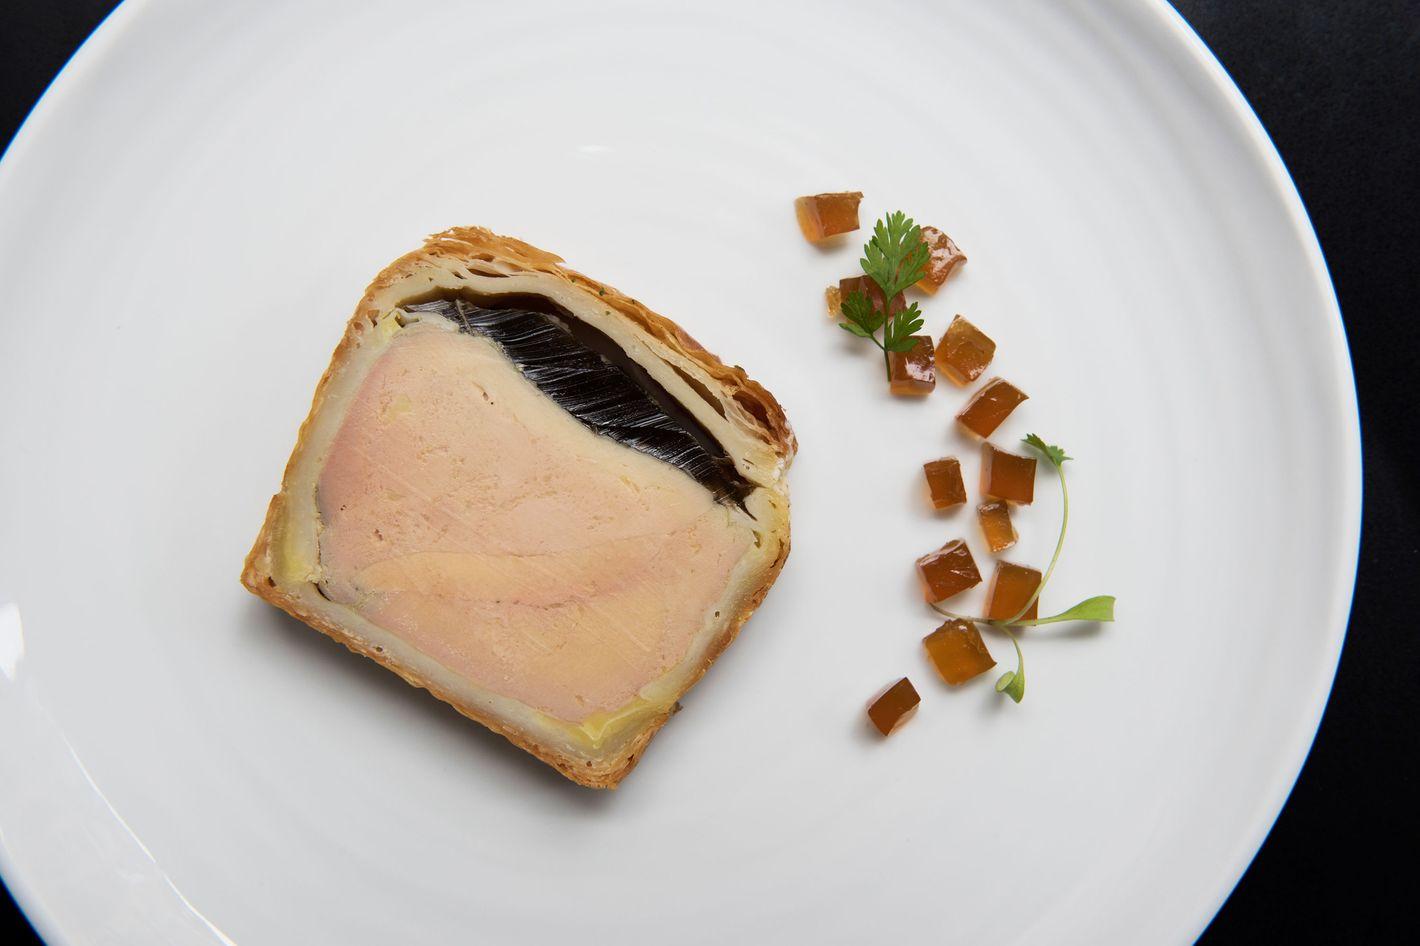 Terrine en croute of duck foie gras.